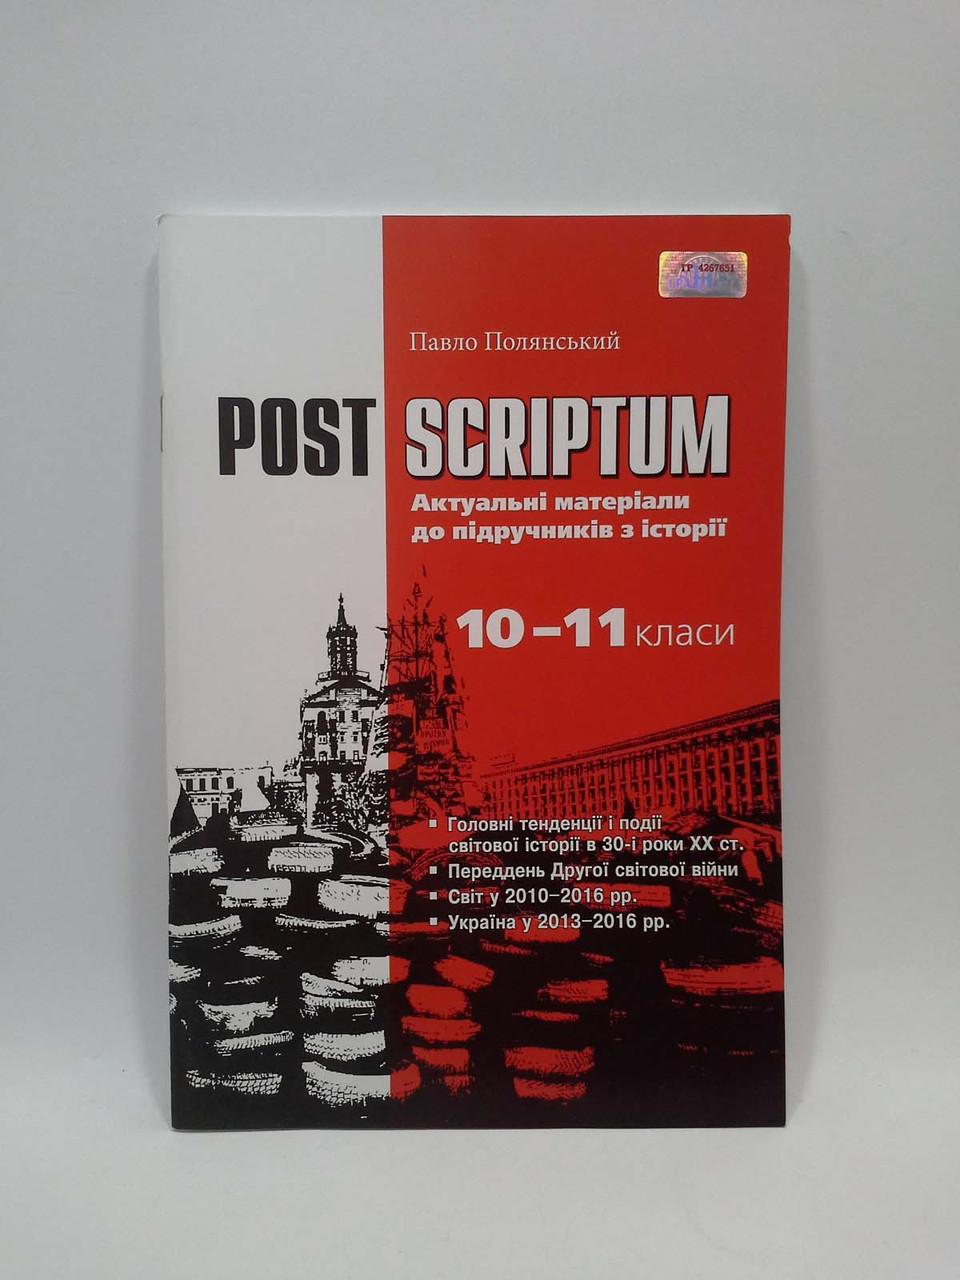 Грамота POST SCRIPTUM Актуальні матеріали до підручників з історії 10 - 11 класи Полянський